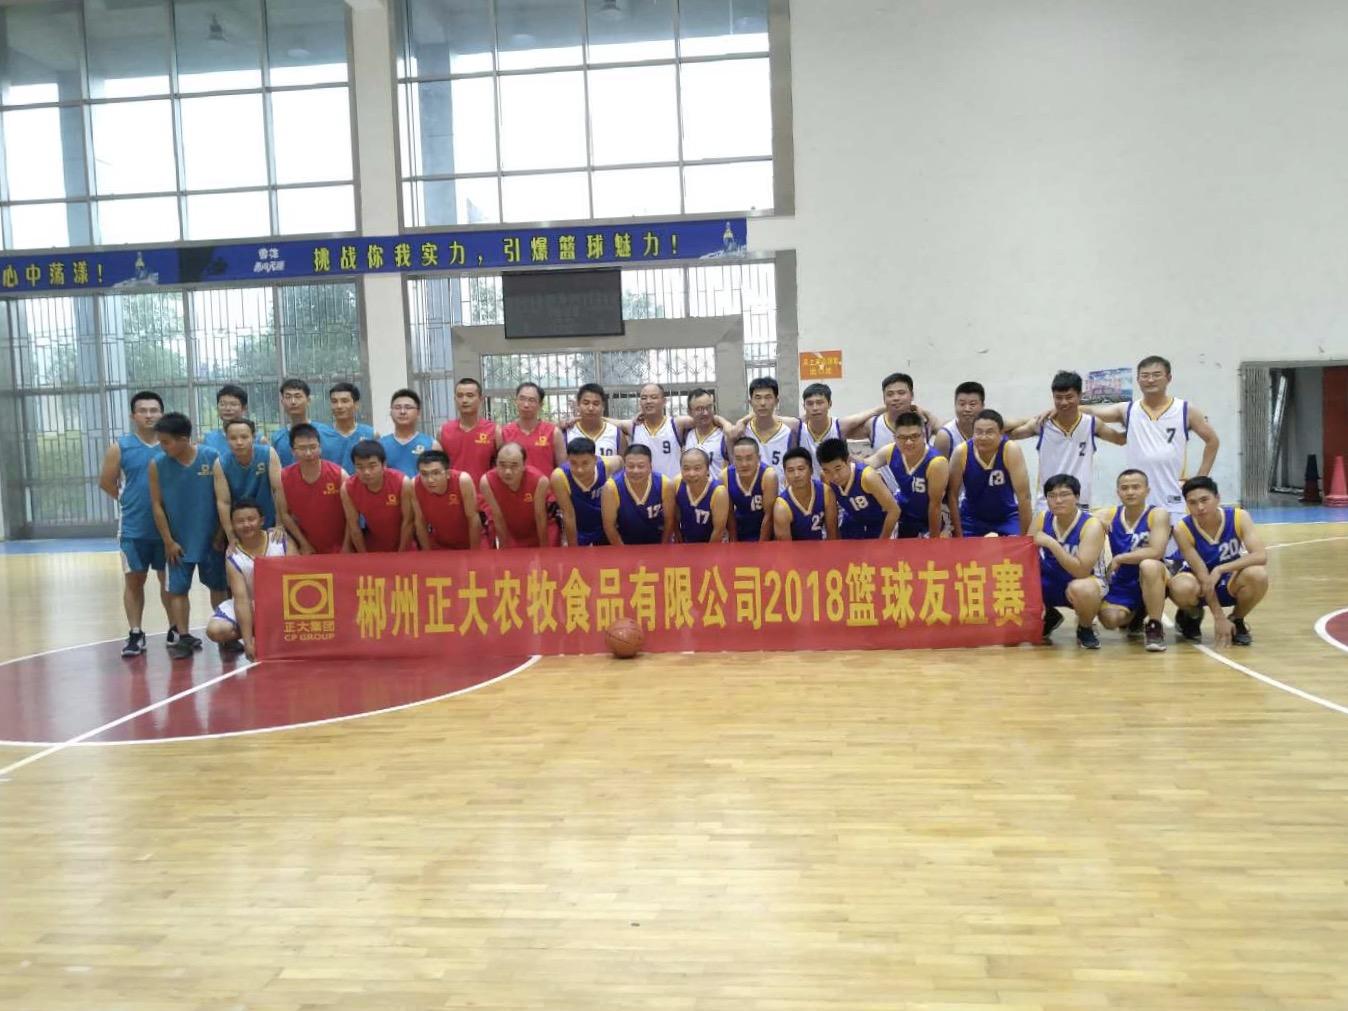 员工篮球比赛